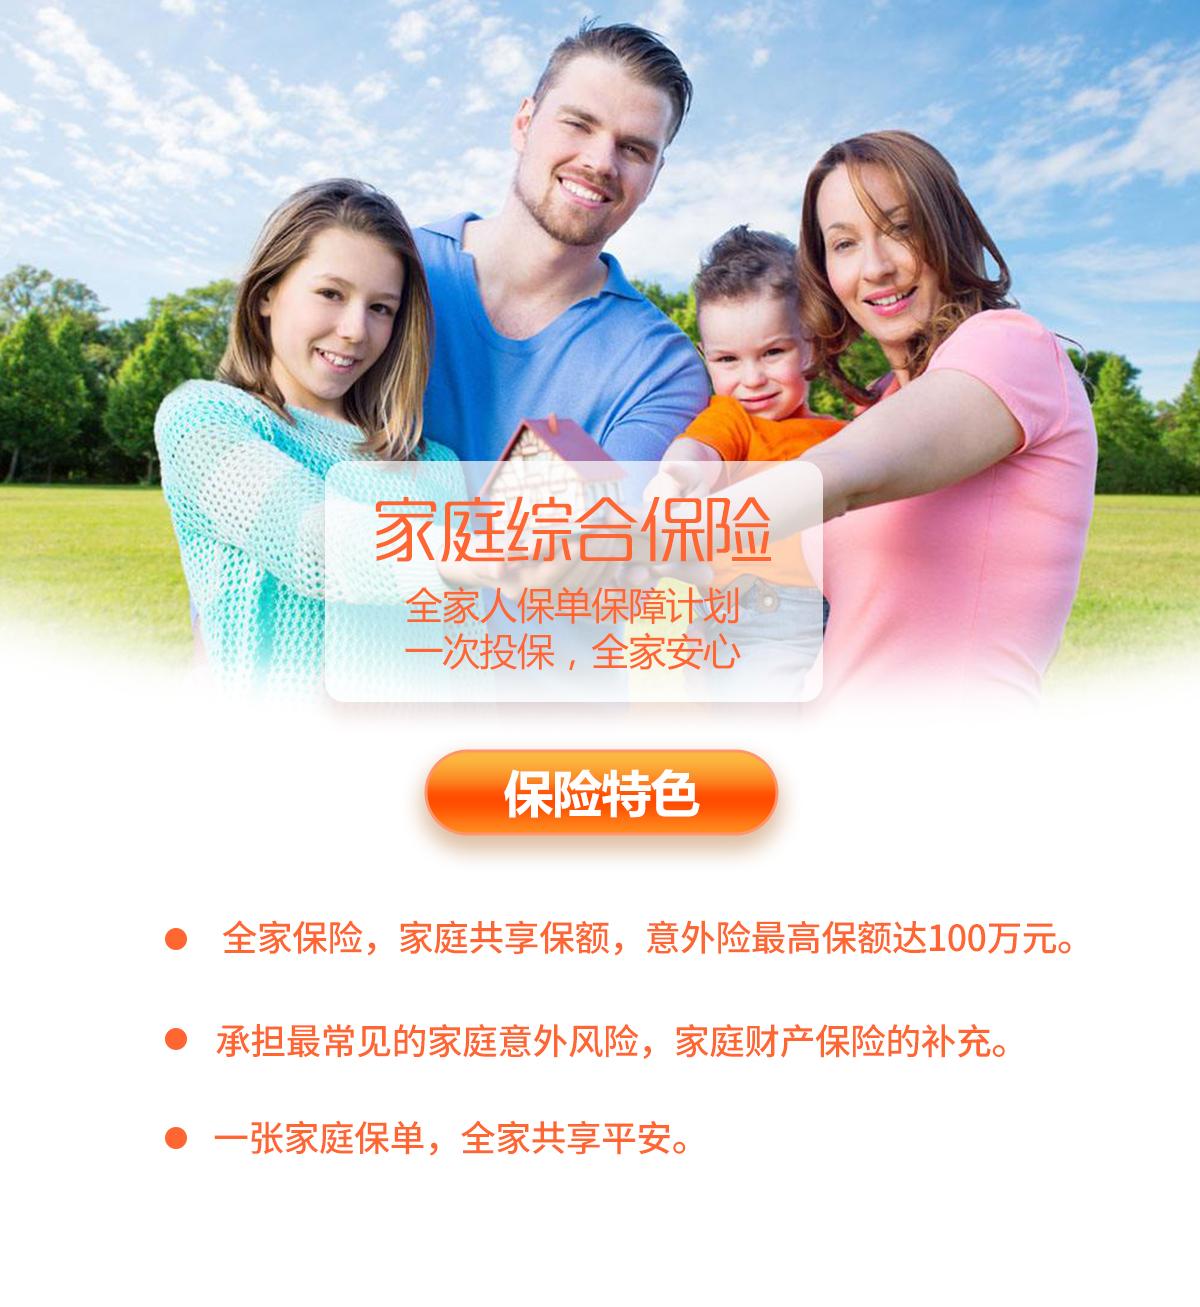 |家庭综合保险-官网详情页.jpg